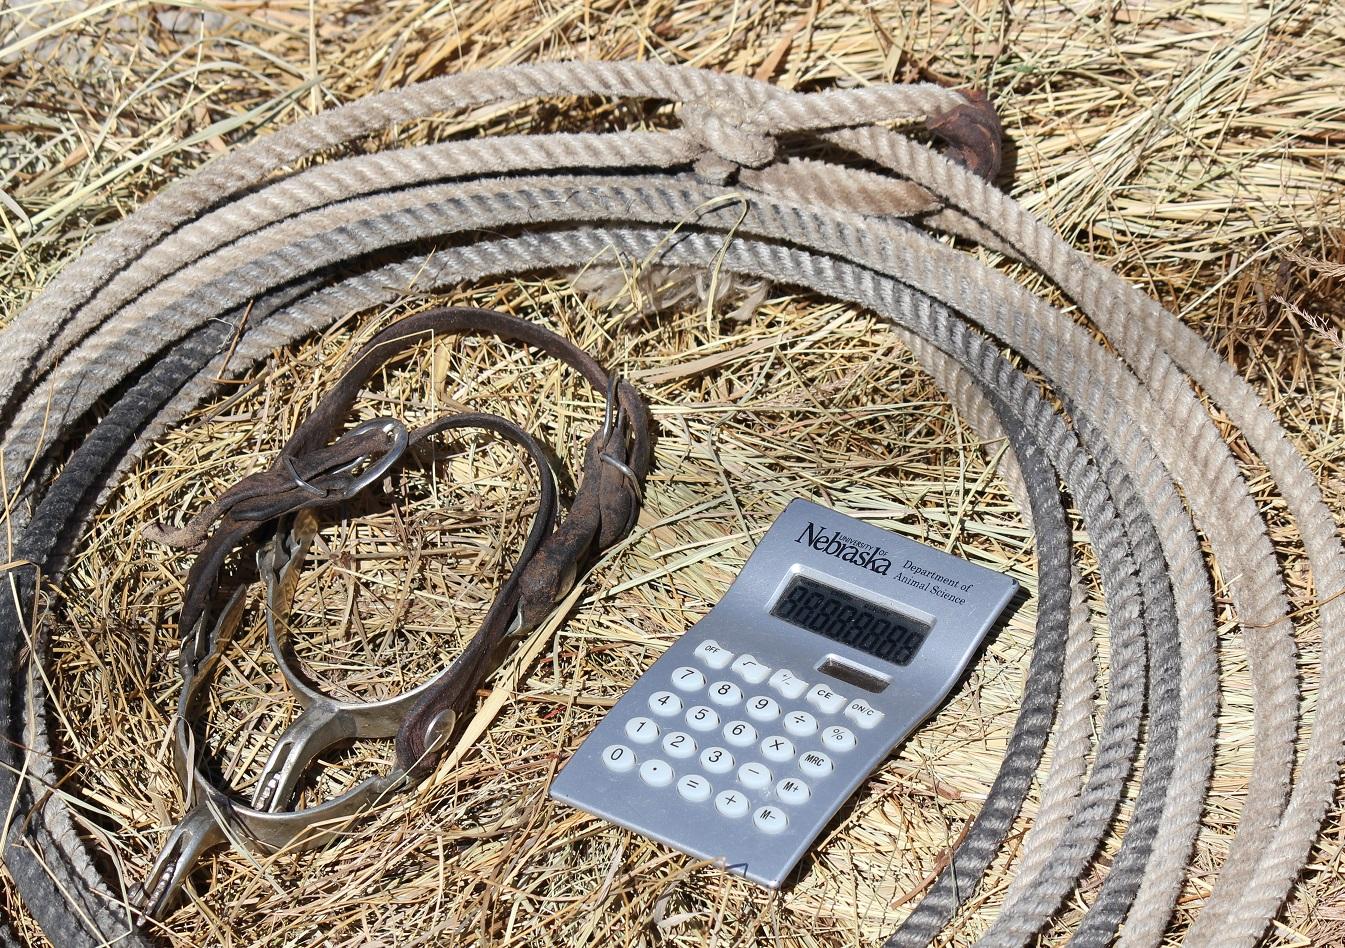 lasso and calculator